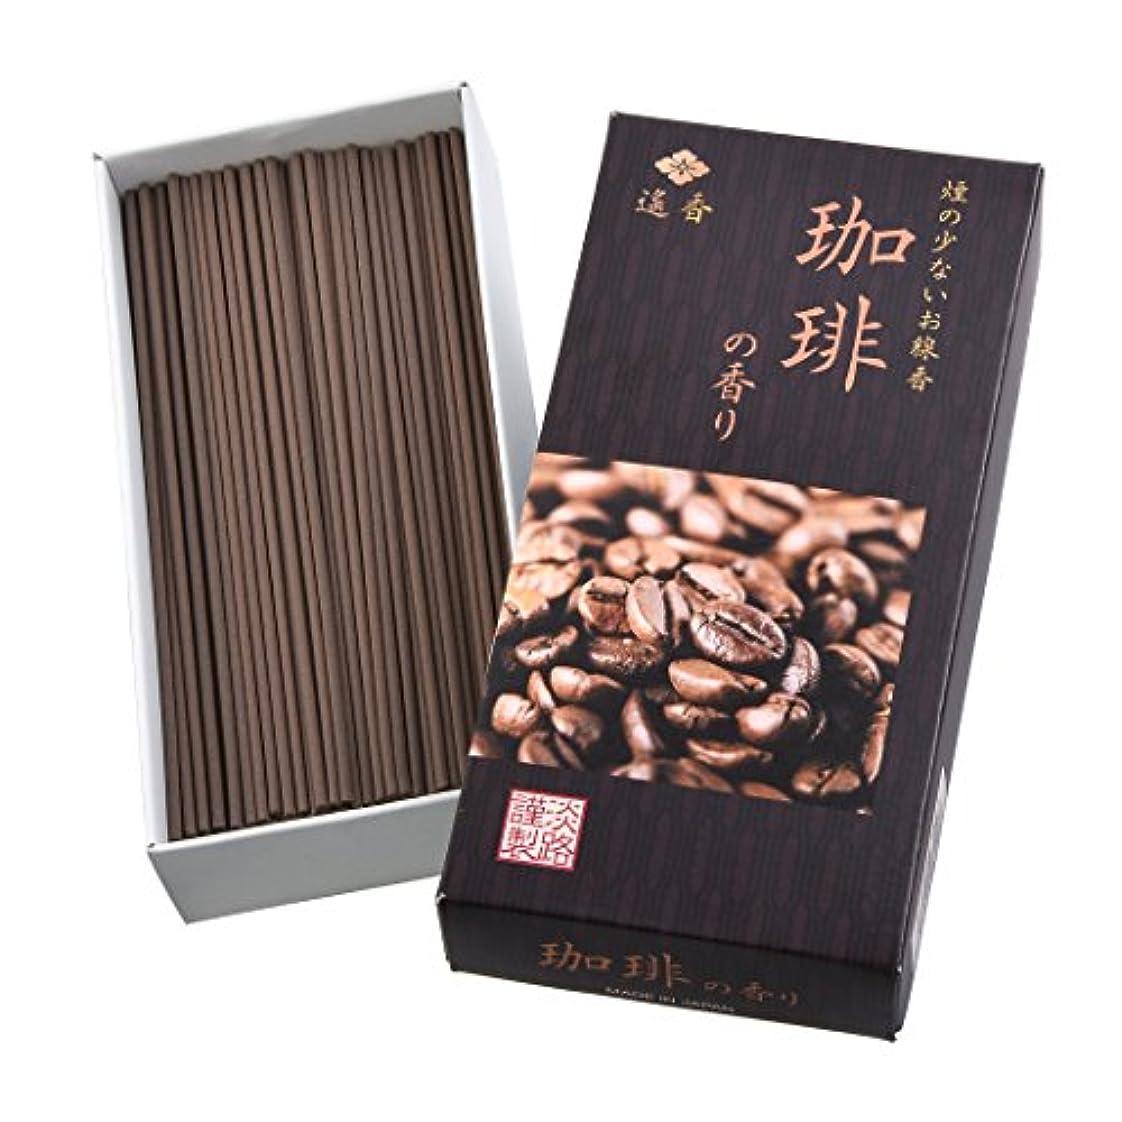 平日三十細分化する遙香 珈琲の香り 3個セット